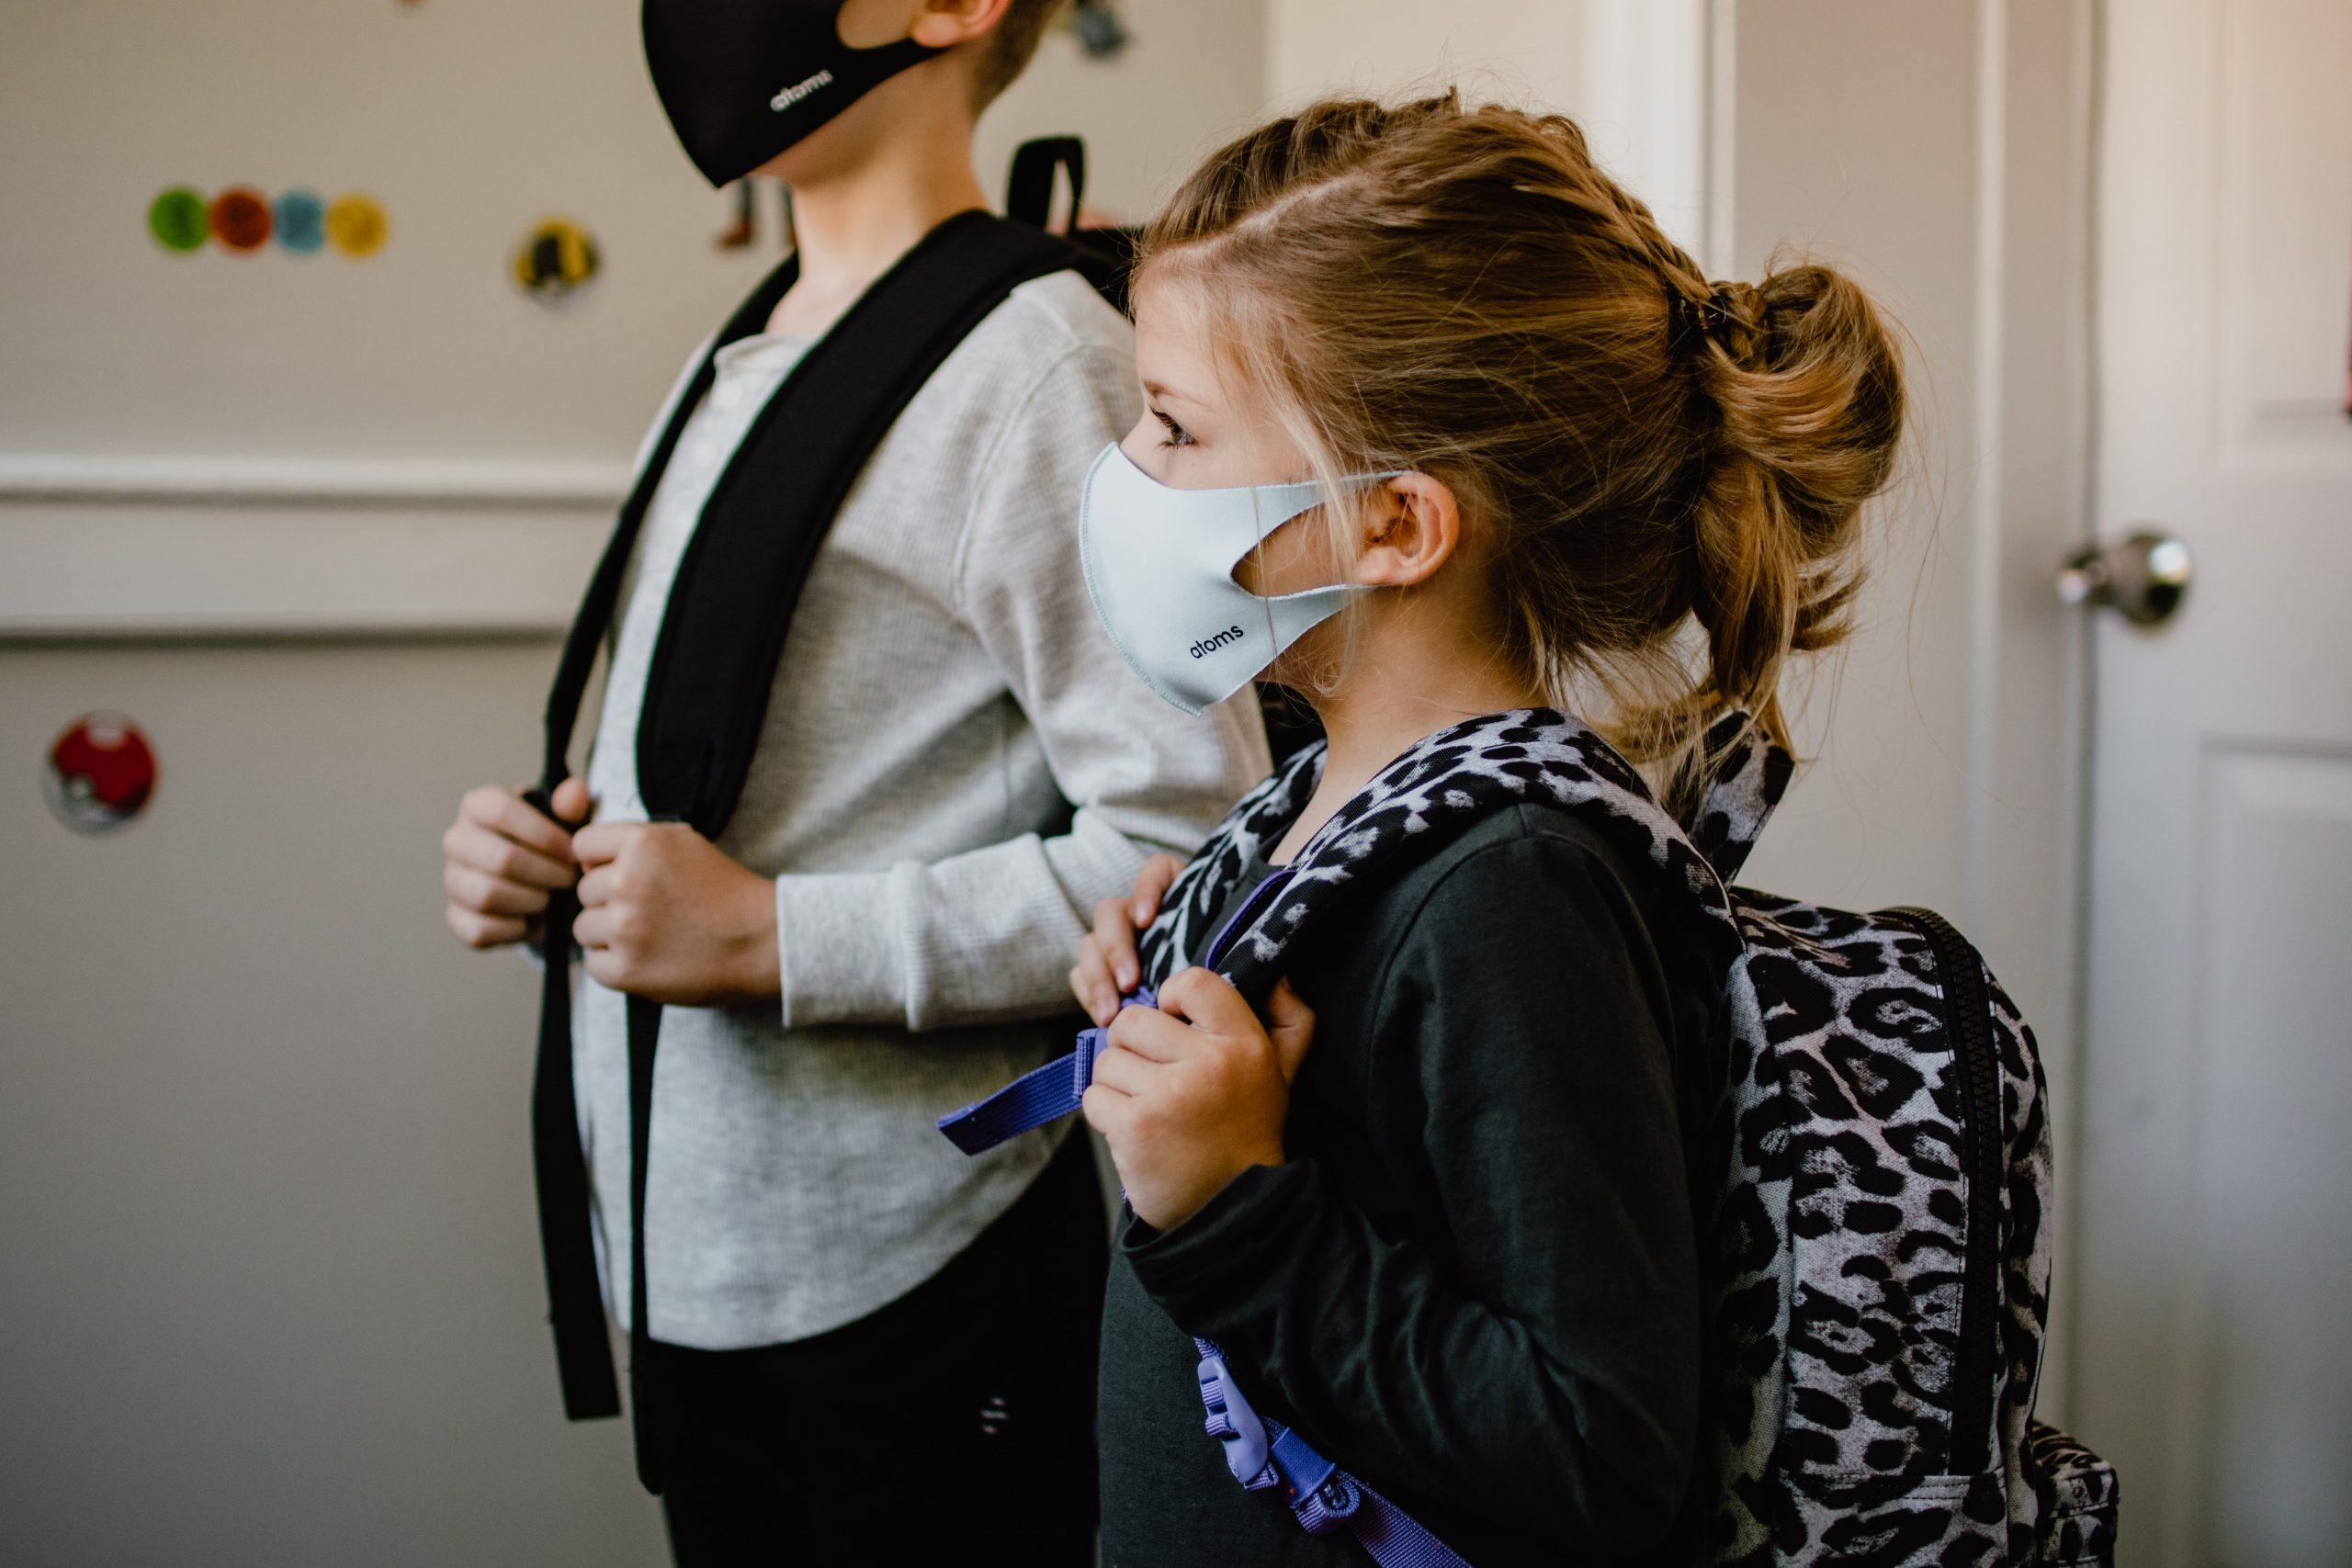 Niños peinados listos para la escuela